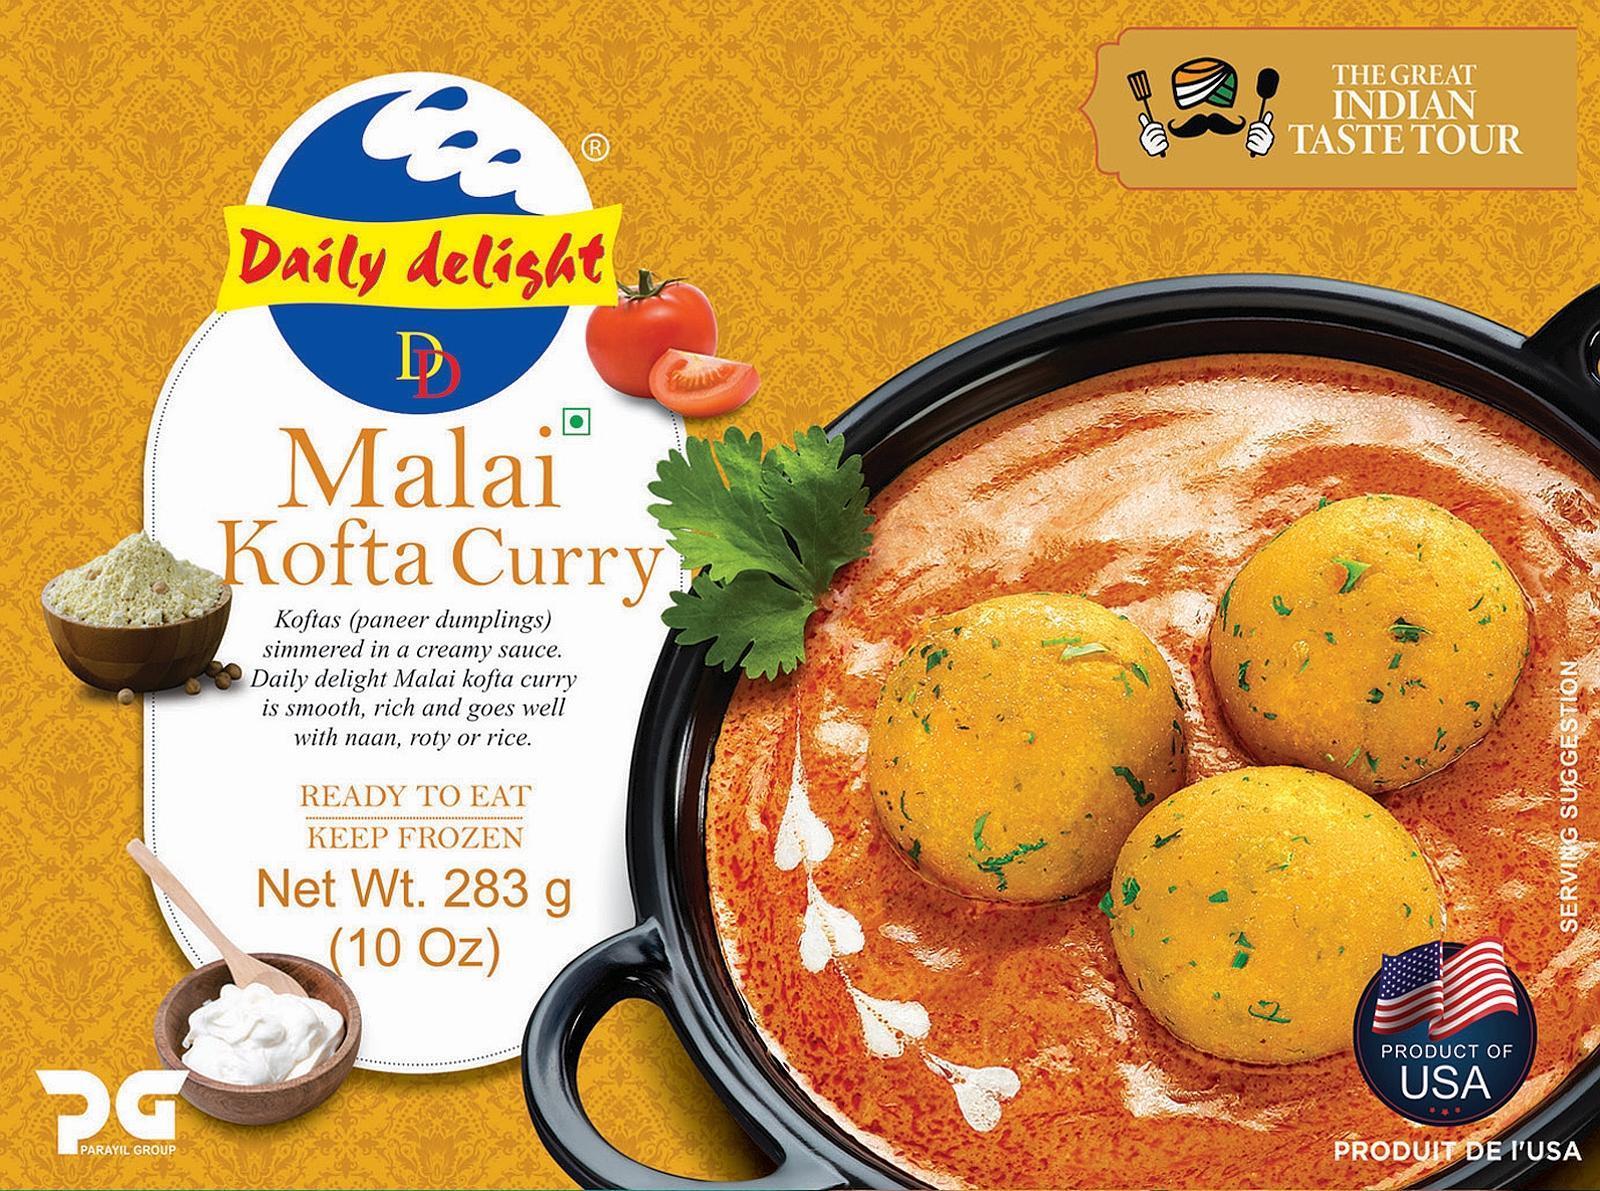 Daily Delight Malai Kofta Curry